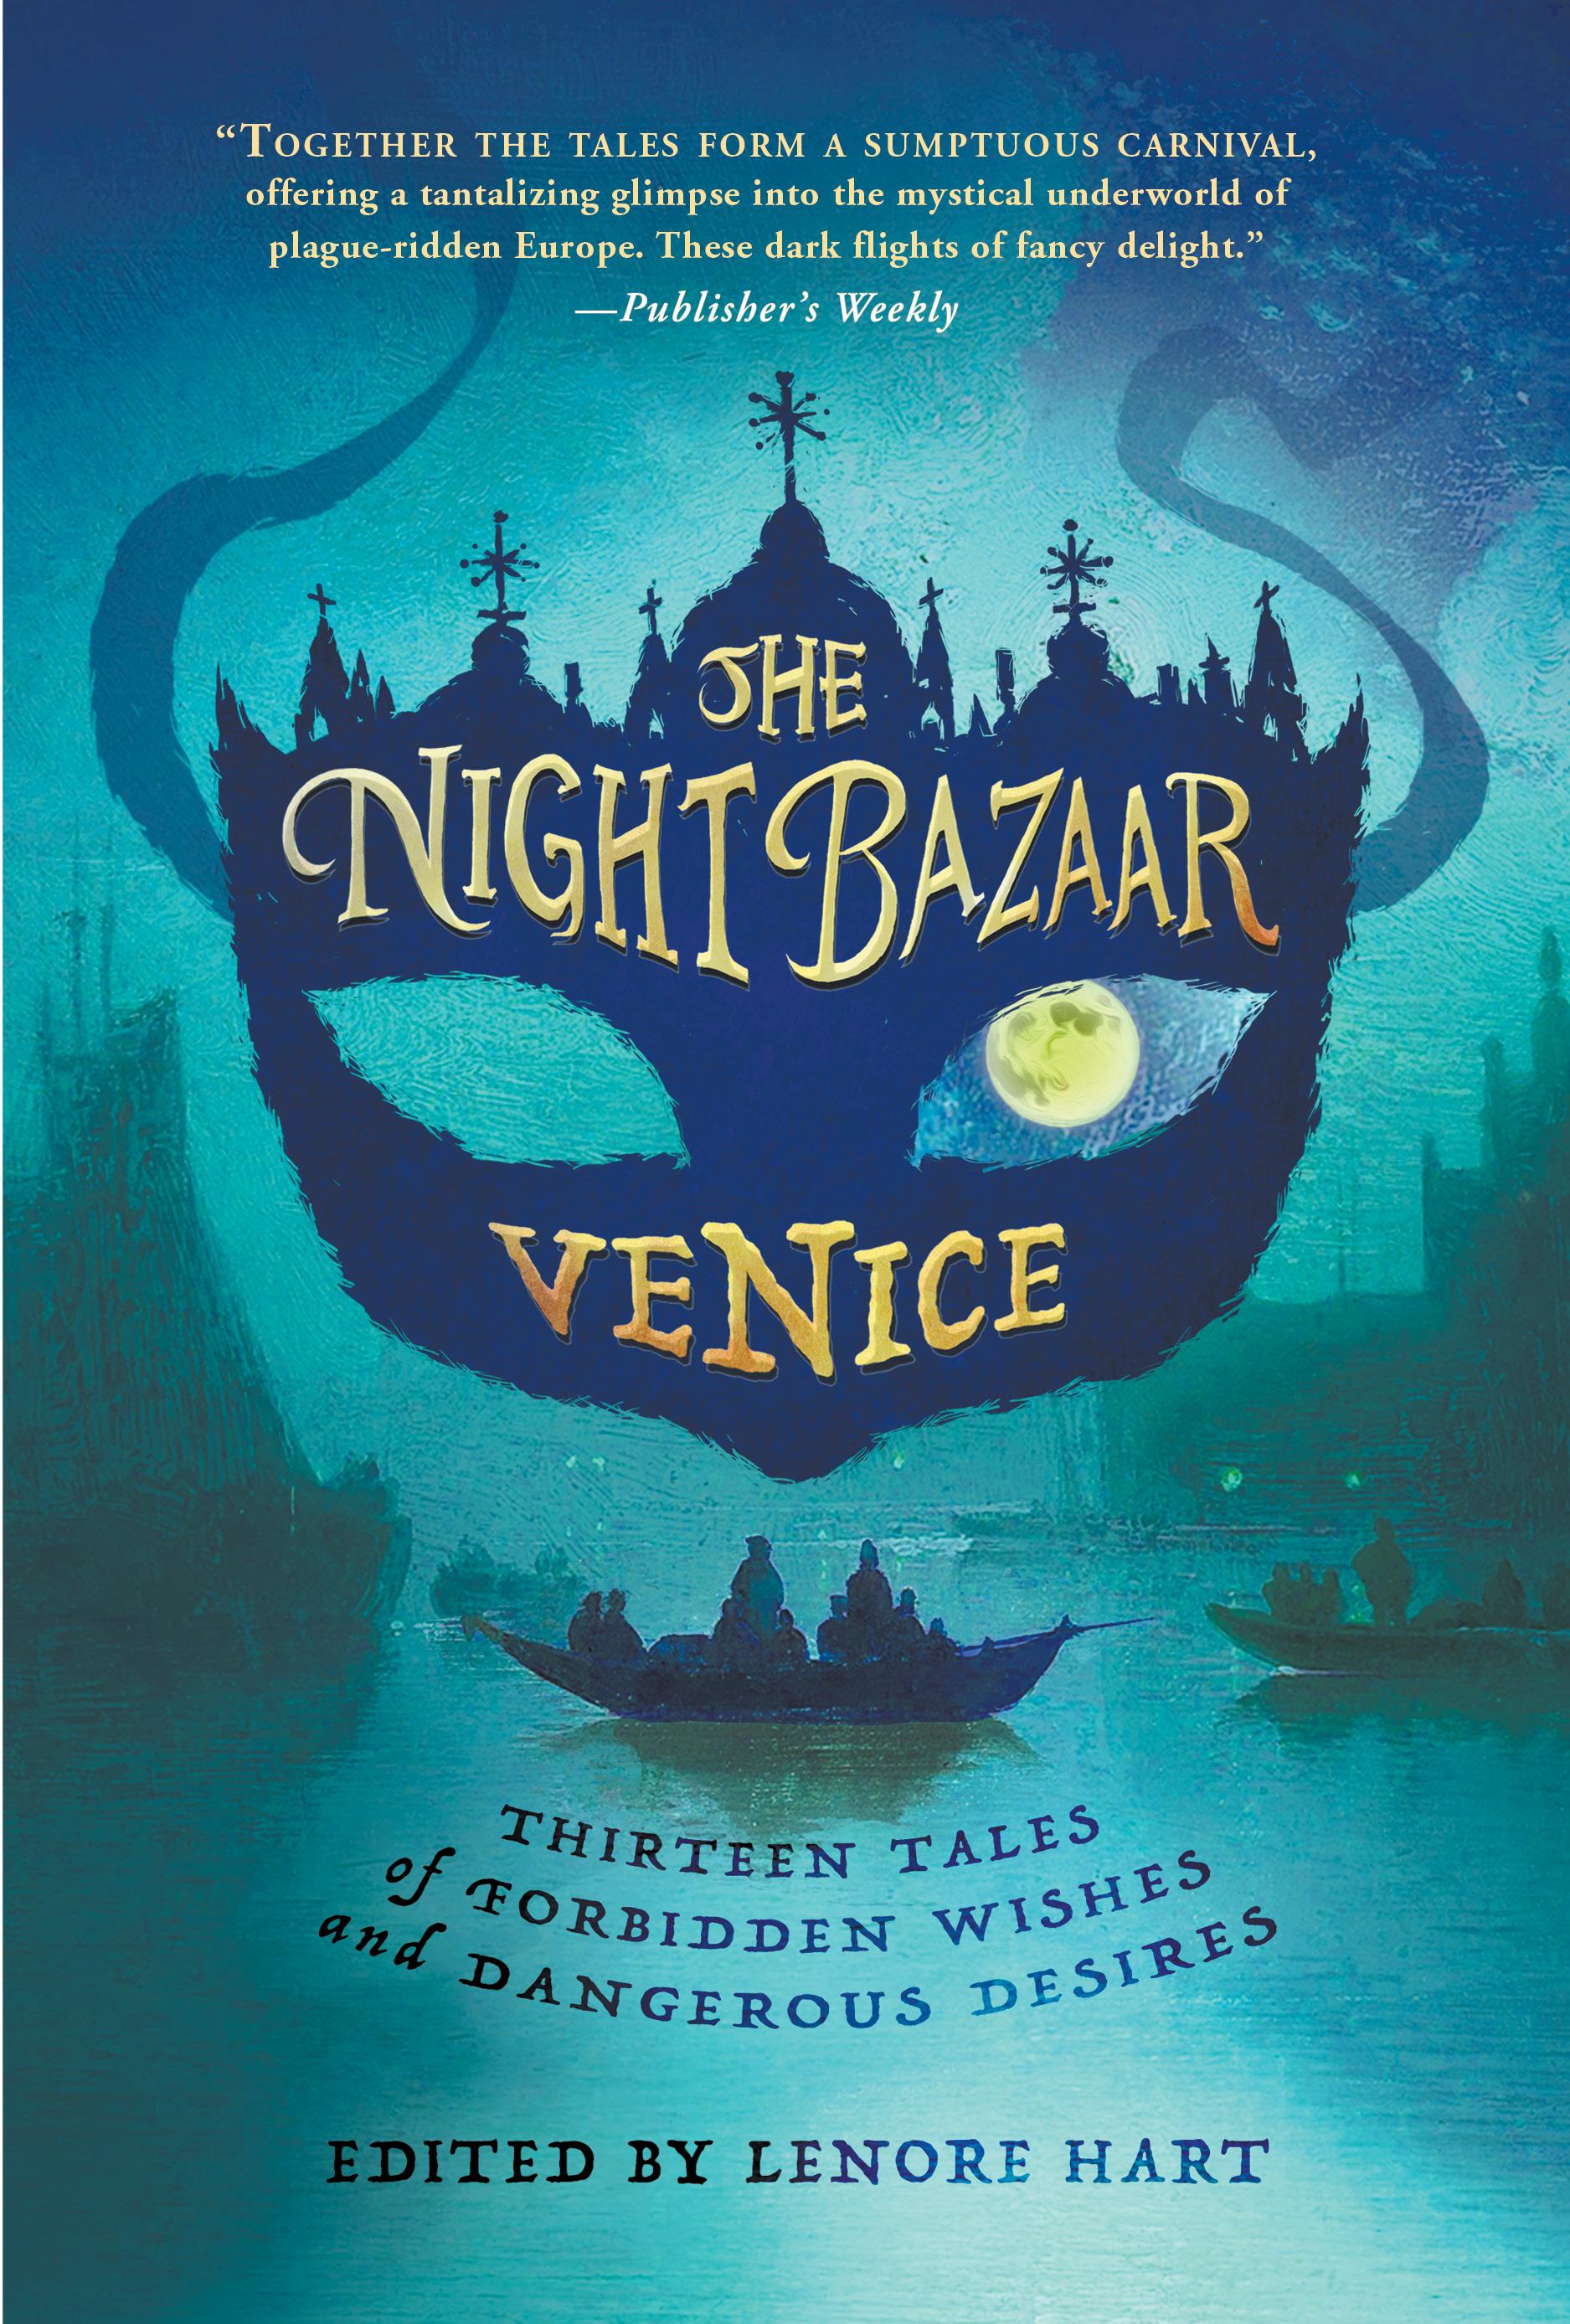 Night Bazaar Venice front print cover 5-25-20